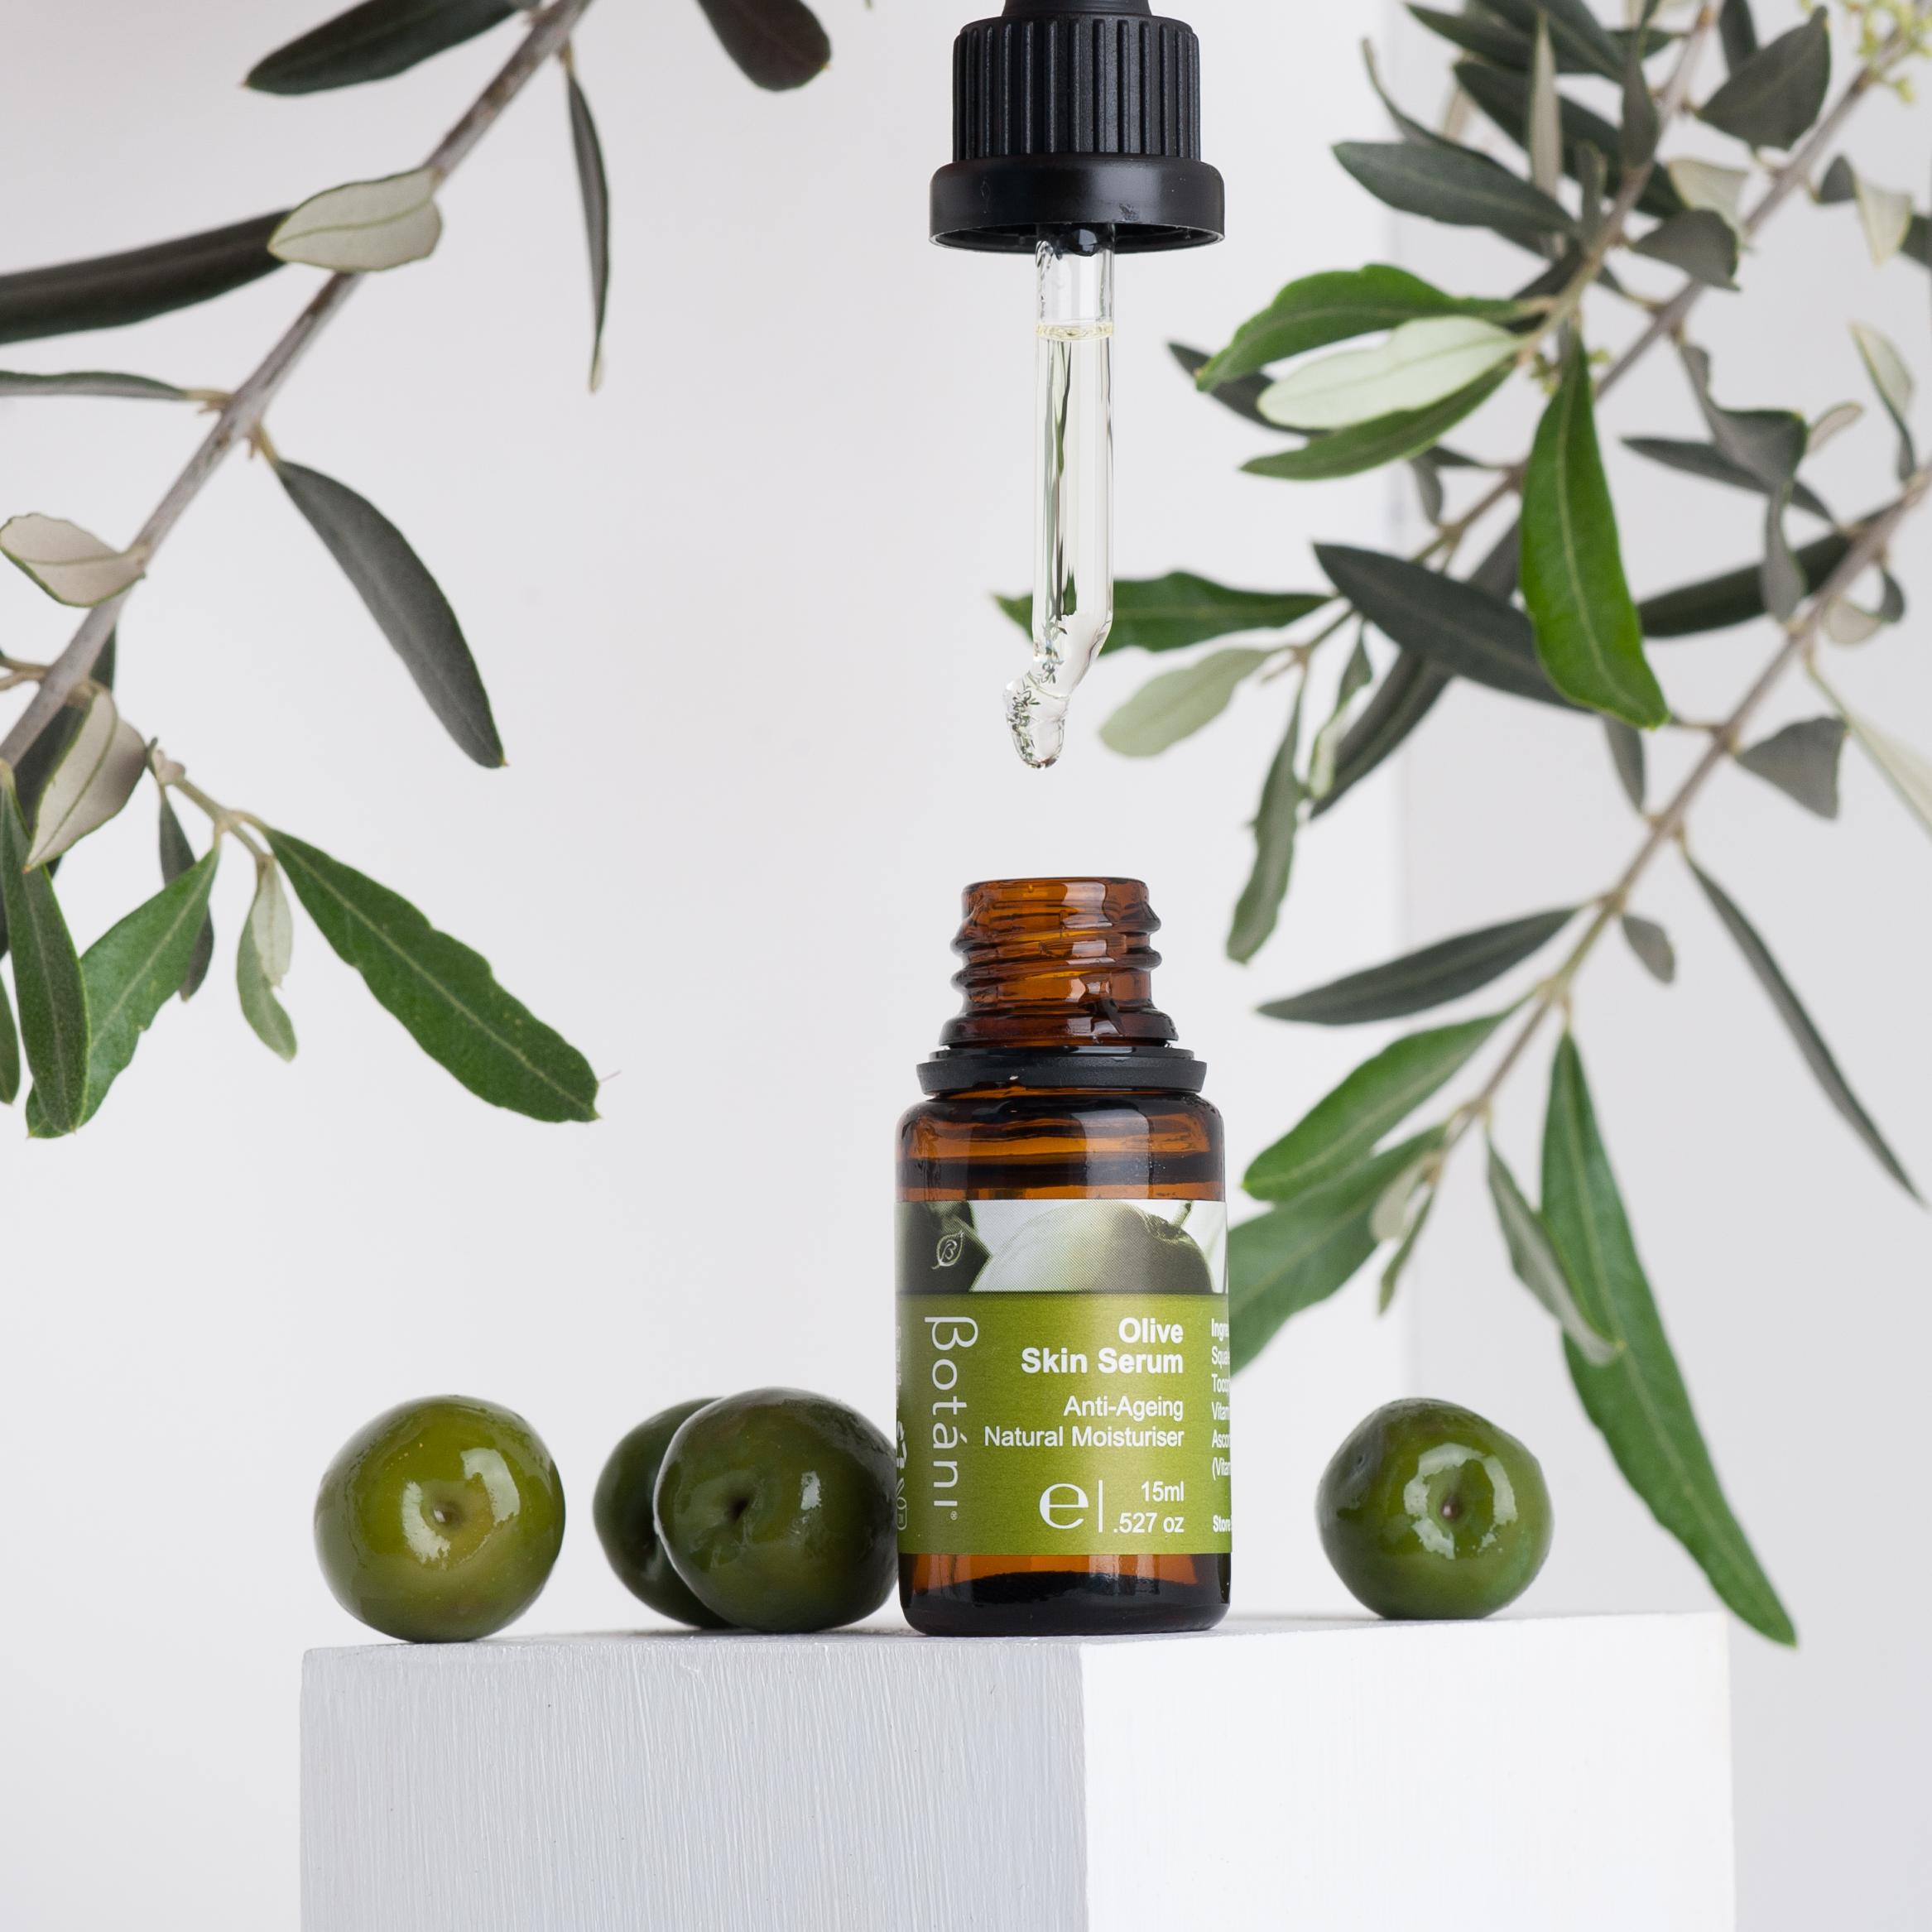 Botáni Squalene Olive Skin Serum có độ lành tính cao